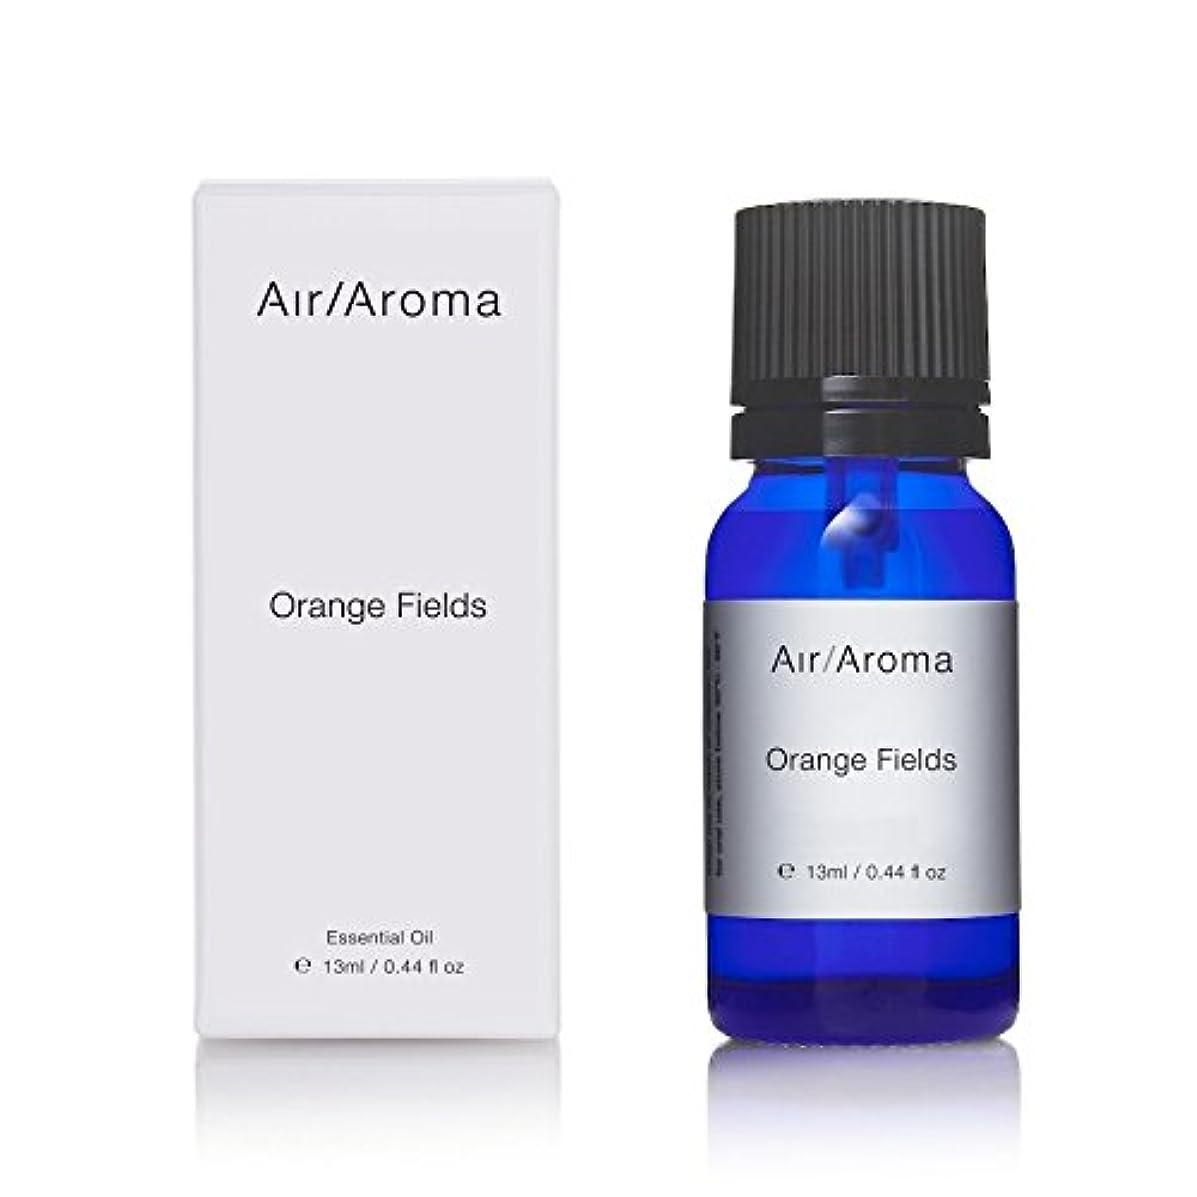 自発誇張エステートエアアロマ orange fields (オレンジフィールド) 13ml